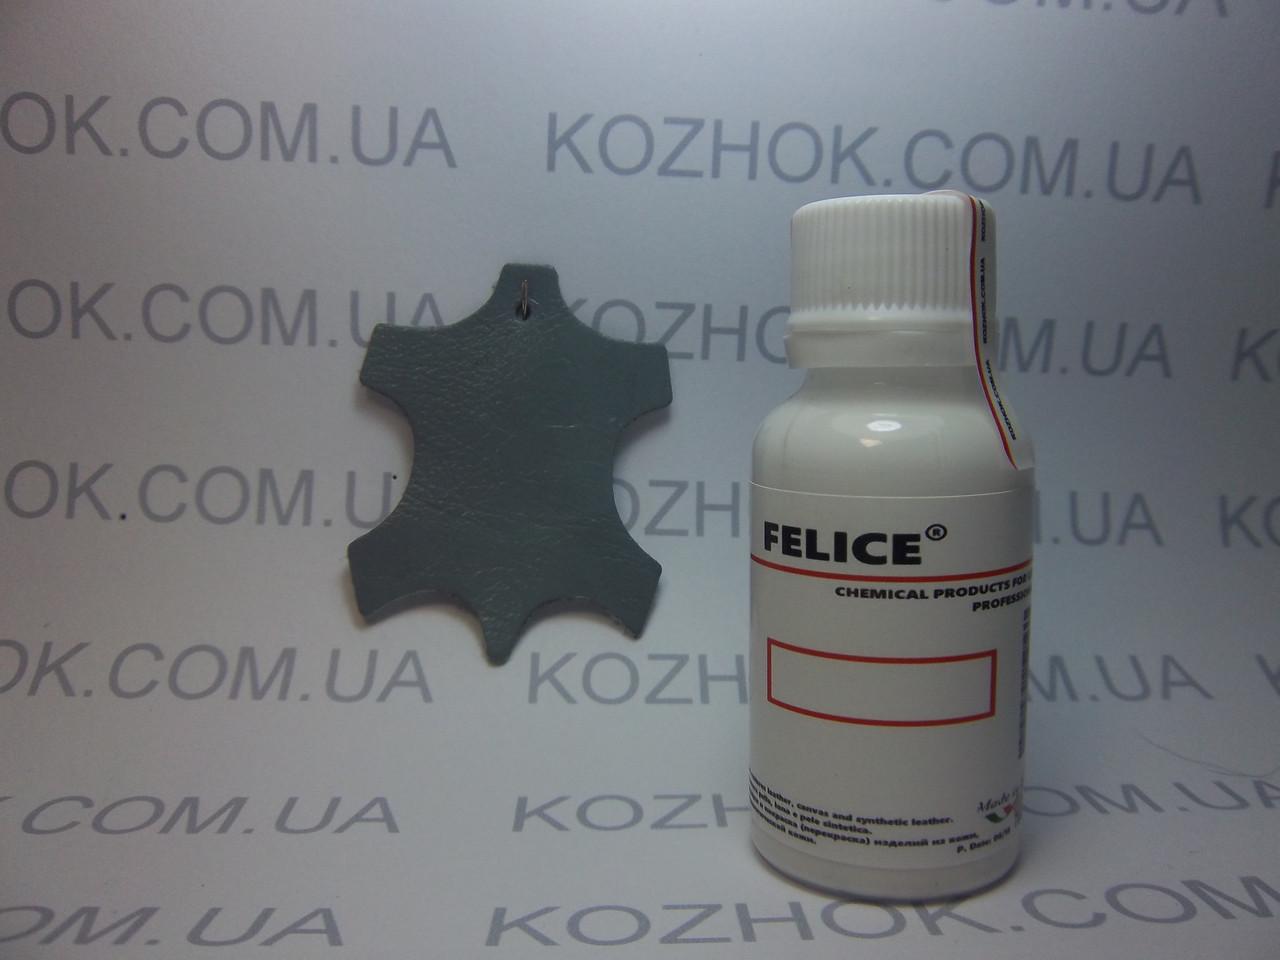 Краска для кожи Felice цв.Бледно Голубой (25 мл)Для обуви,гладкой кожи, кожгалантереи, кожаной мебели, кожаног